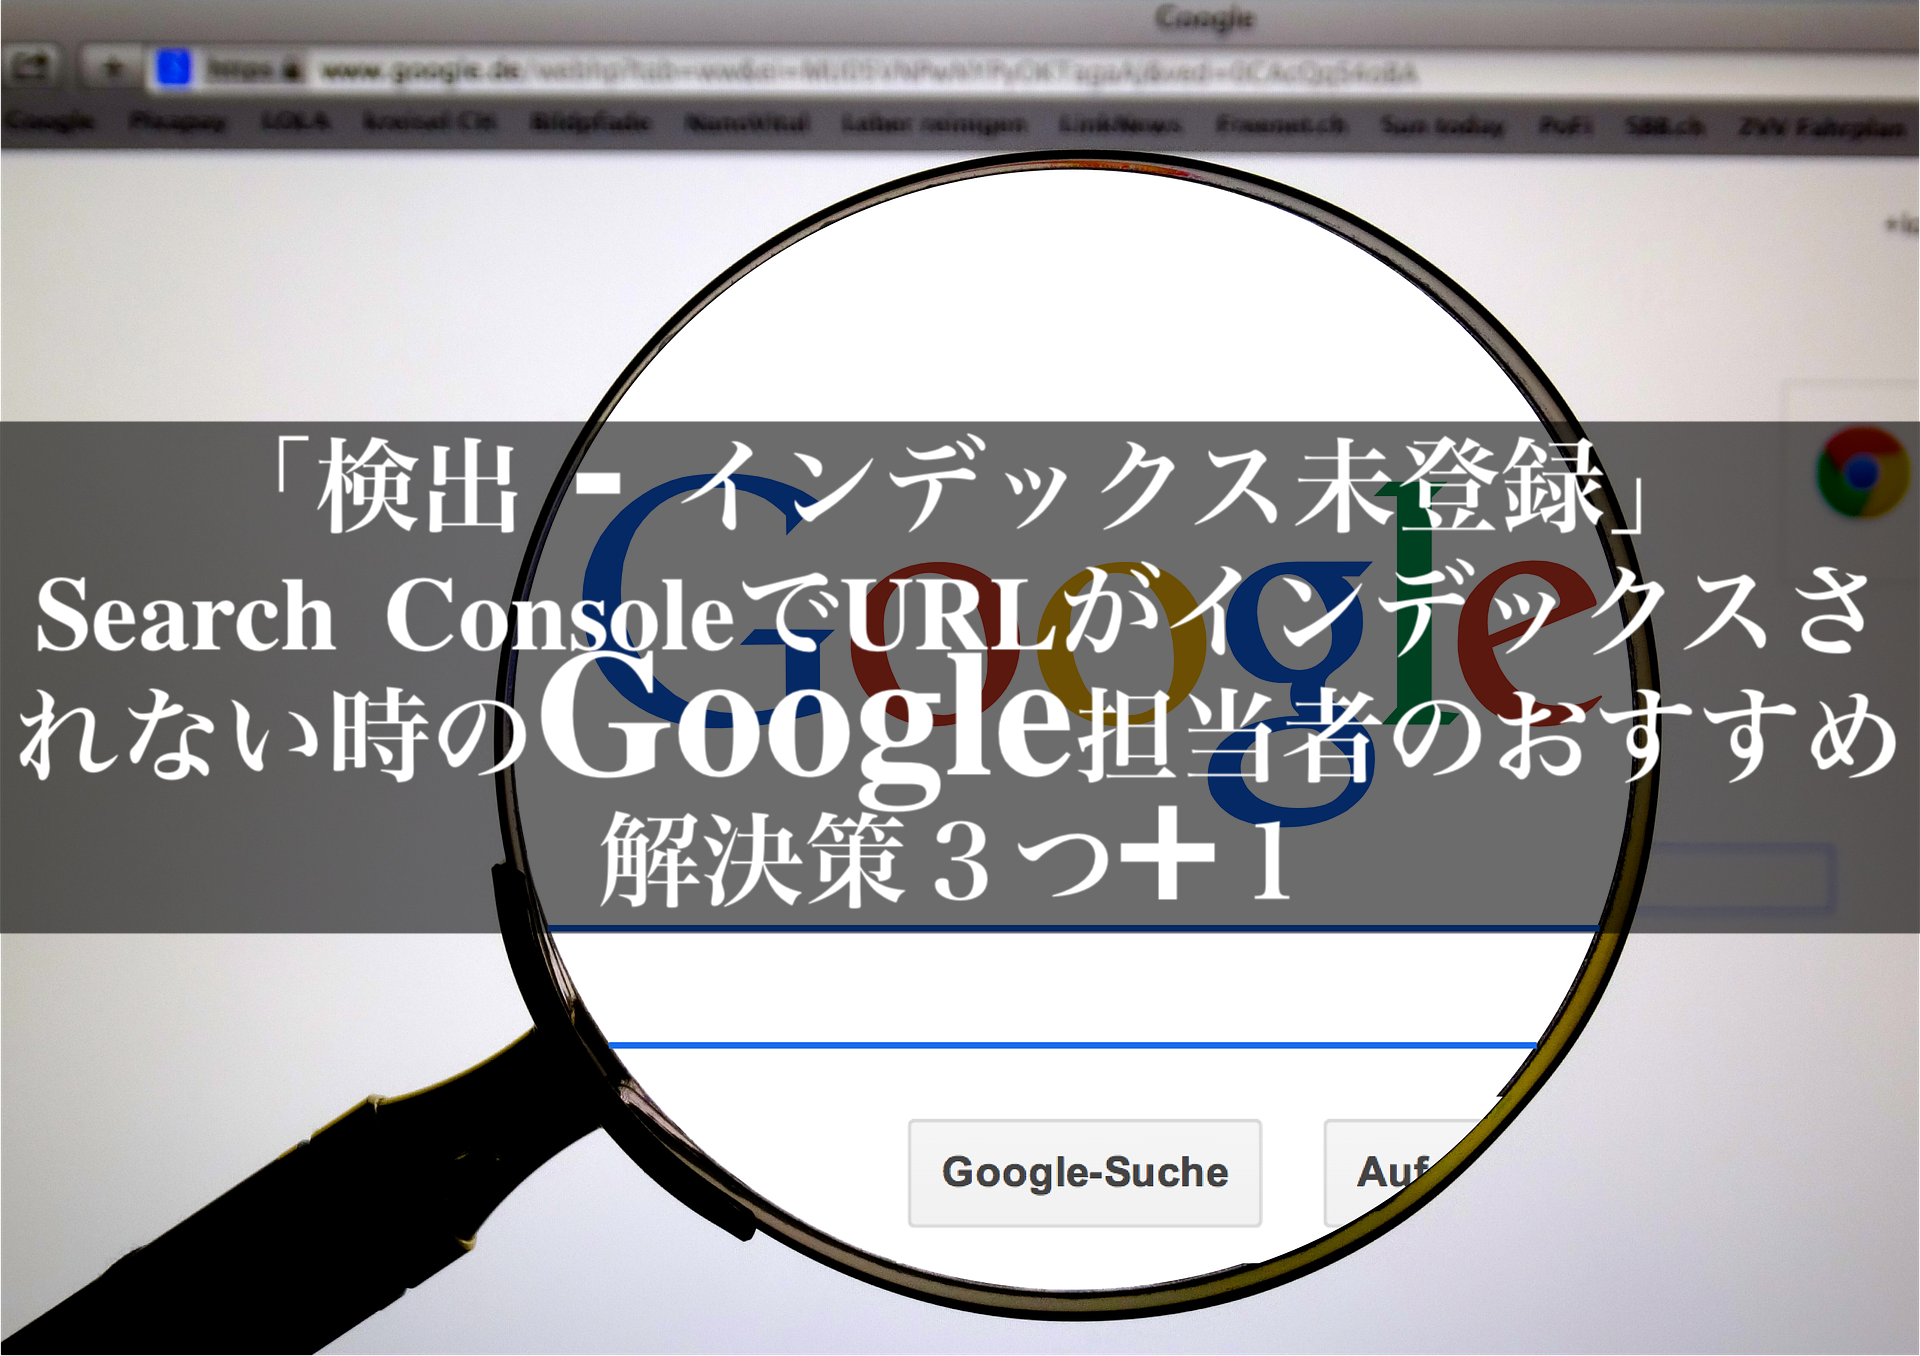 「検出 - インデックス未登録」Search ConsoleでURLがインデックスされない時のGoogle担当者のおすすめ解決策3つ+1